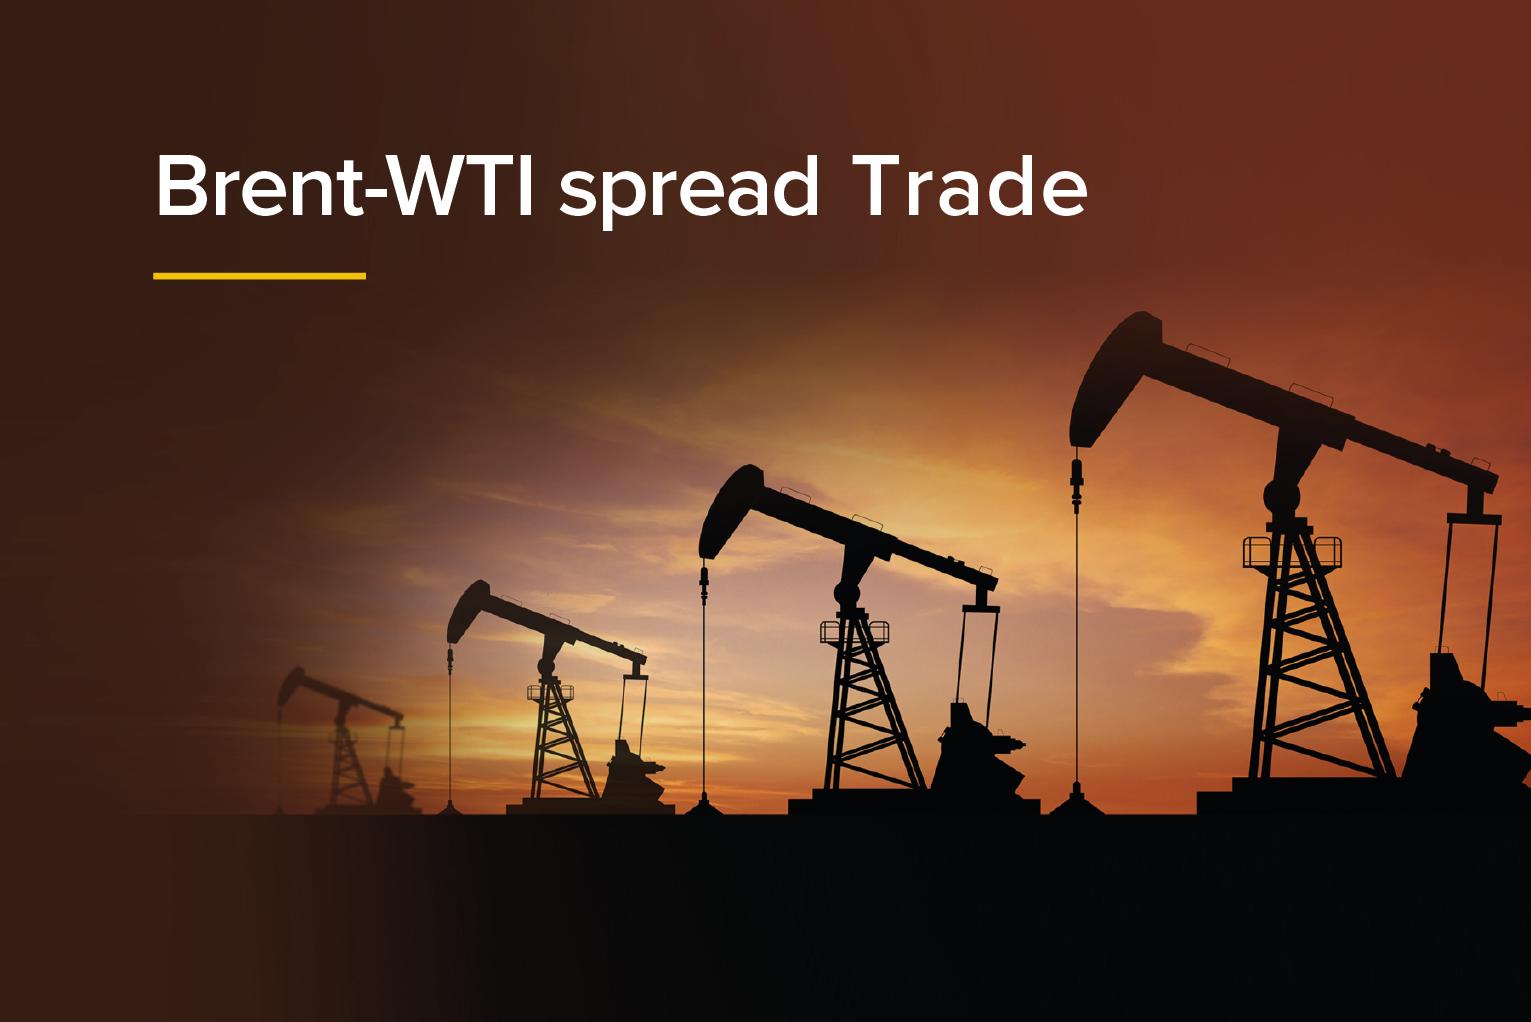 Brent-WTI spread Trade